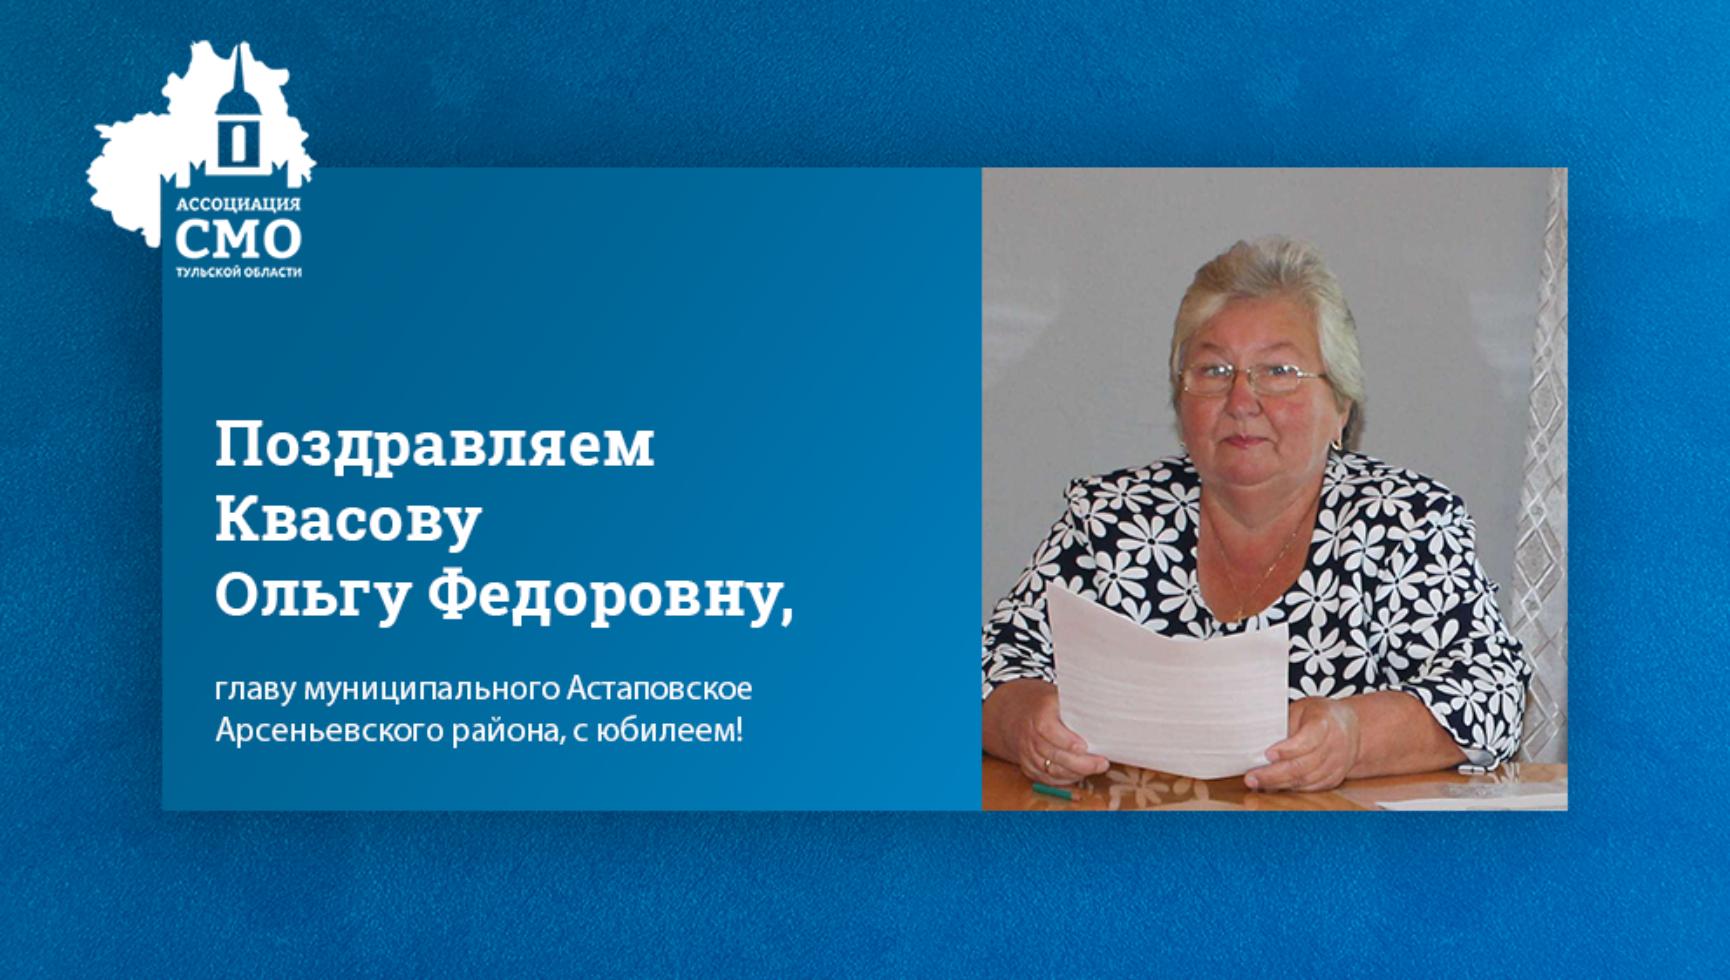 Поздравляем Квасову Ольгу Федоровну, главу муниципального Астаповское Арсеньевского района, с юбилеем!